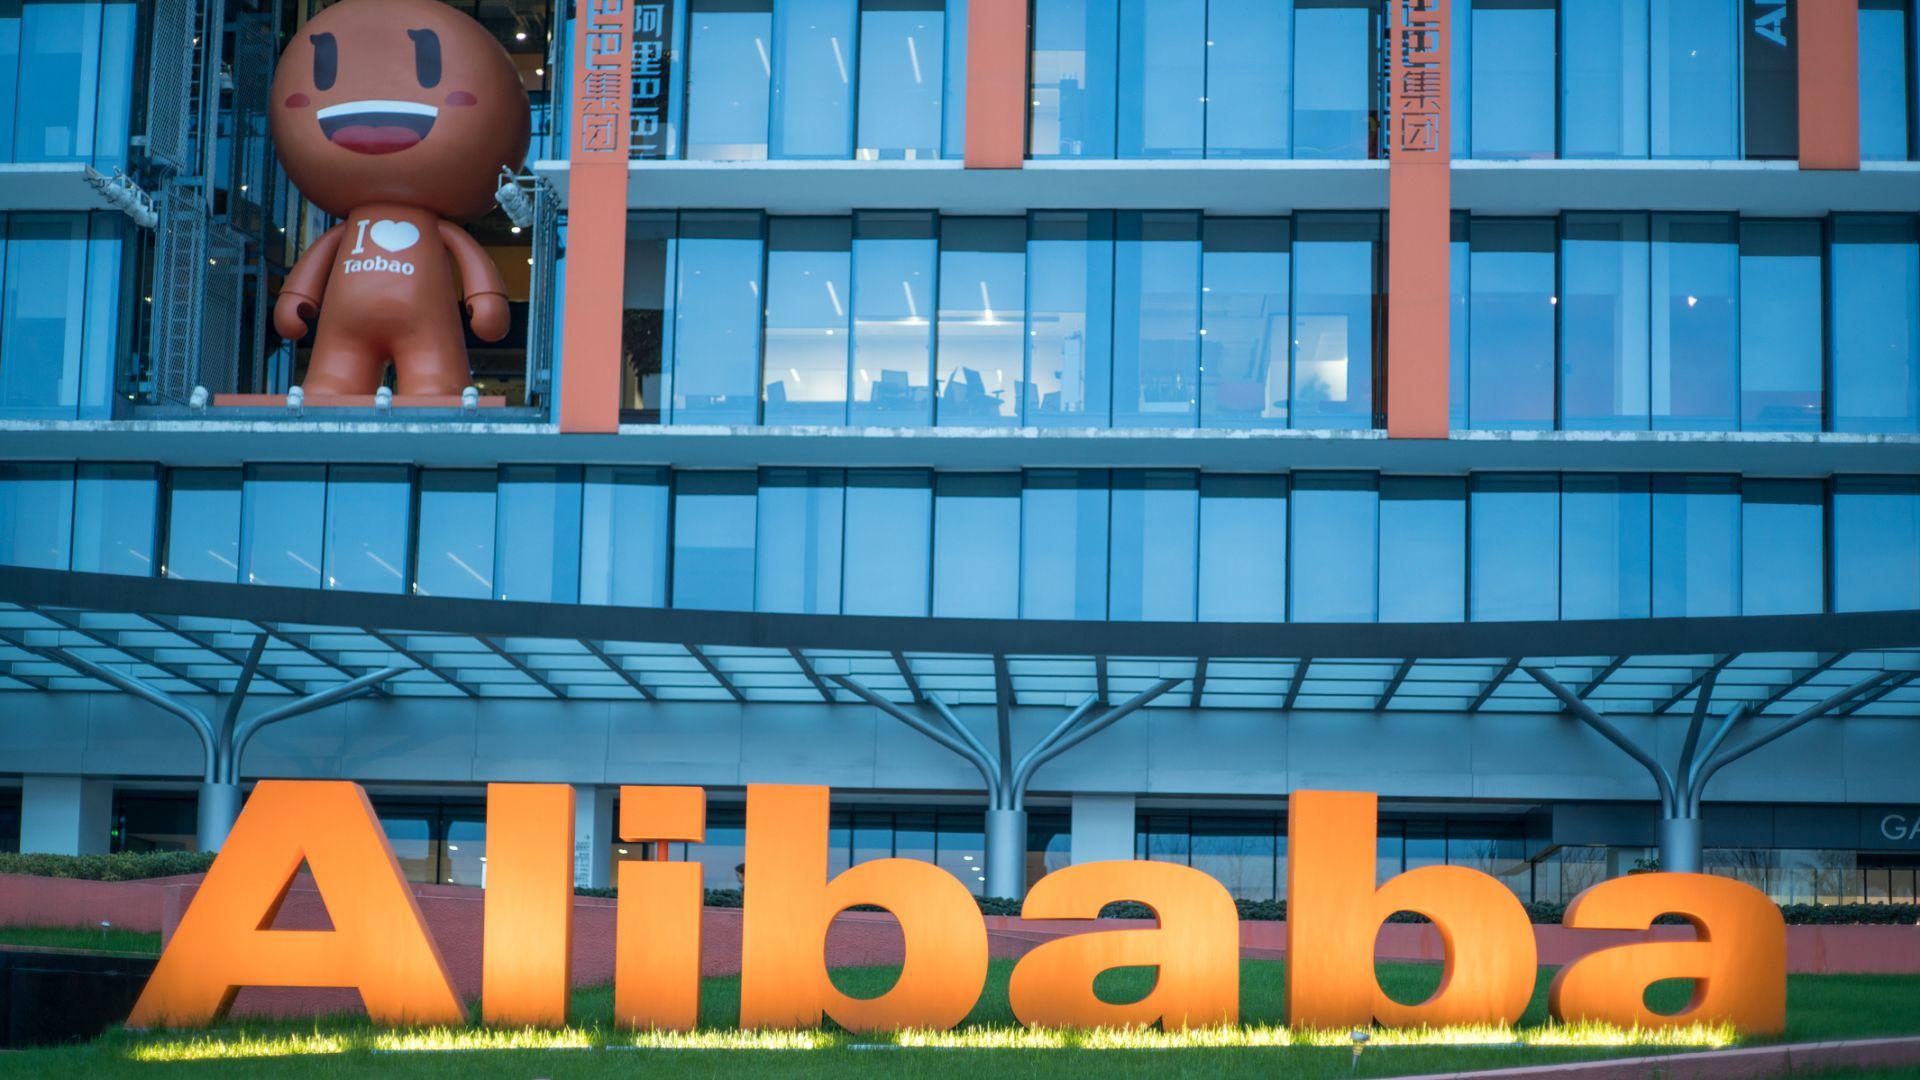 Alibaba: Роботите са чудесни служители, защото не пушат на работното място